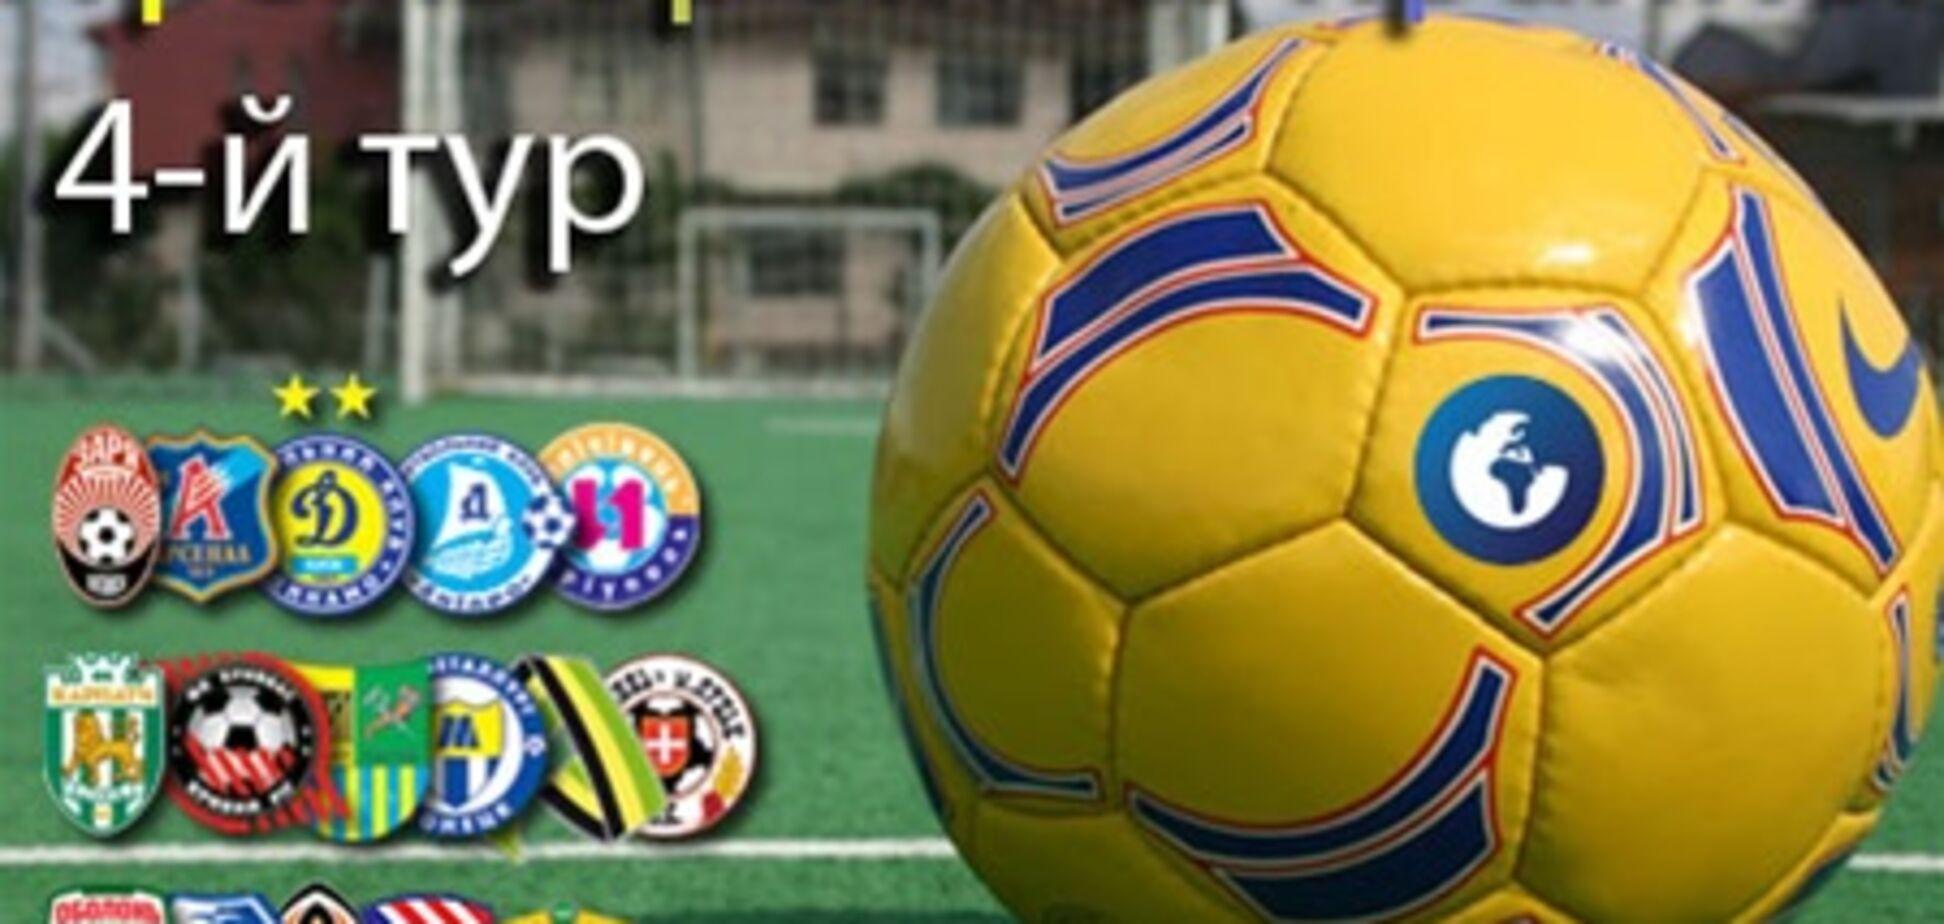 Сегодня стартует 4-й тур Премьер-лиги Украины 2011/2012